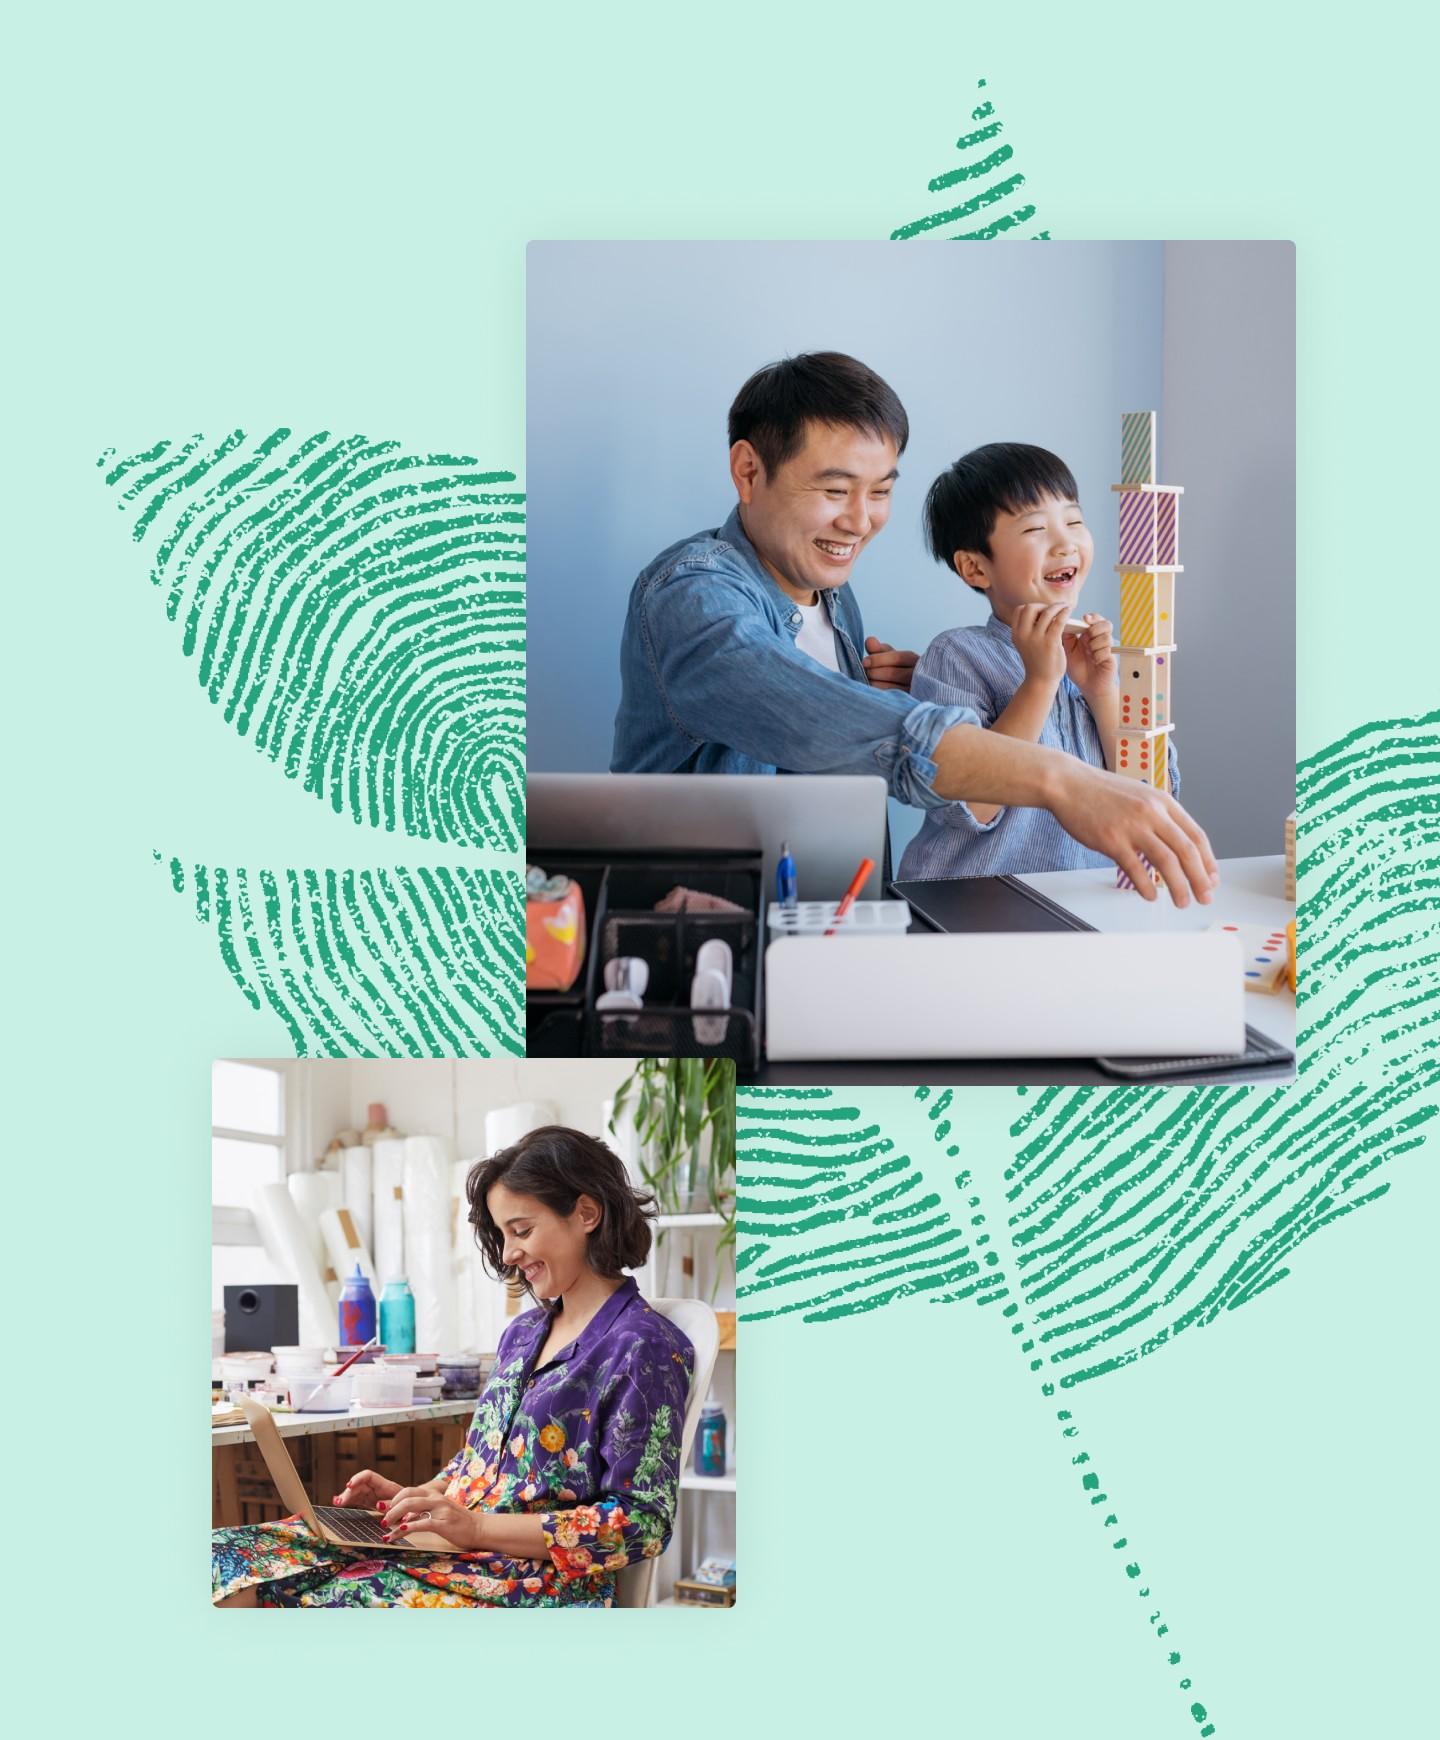 一位父亲、孩子和一位微笑的妇女使用笔记本电脑的照片